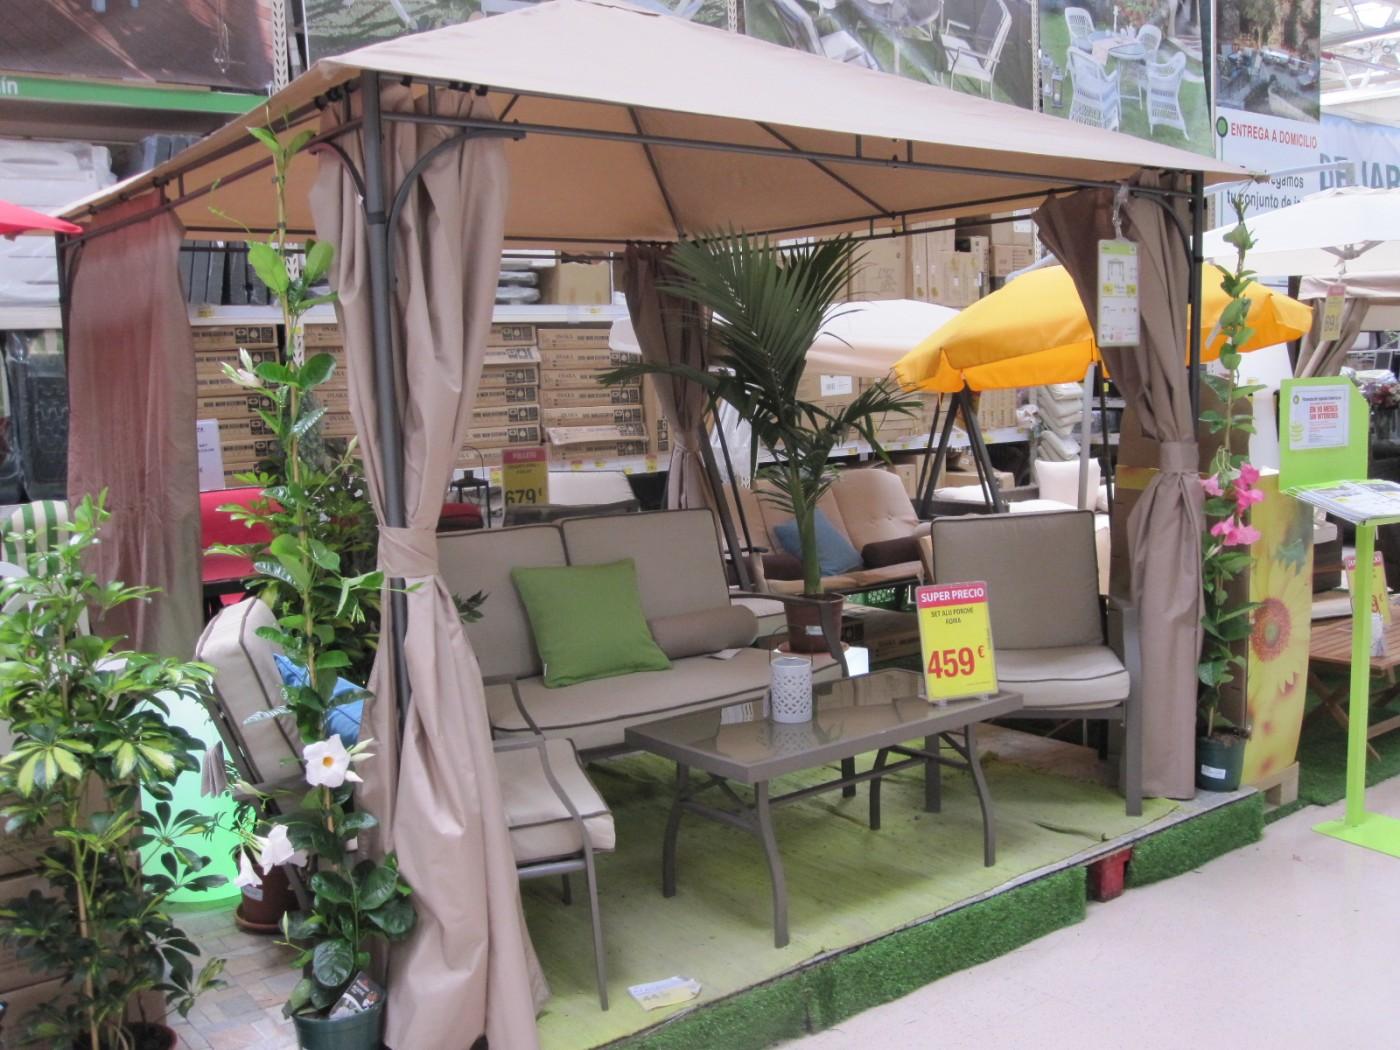 Leroy Merlin Cartagena Home, Garden and DIY superstore